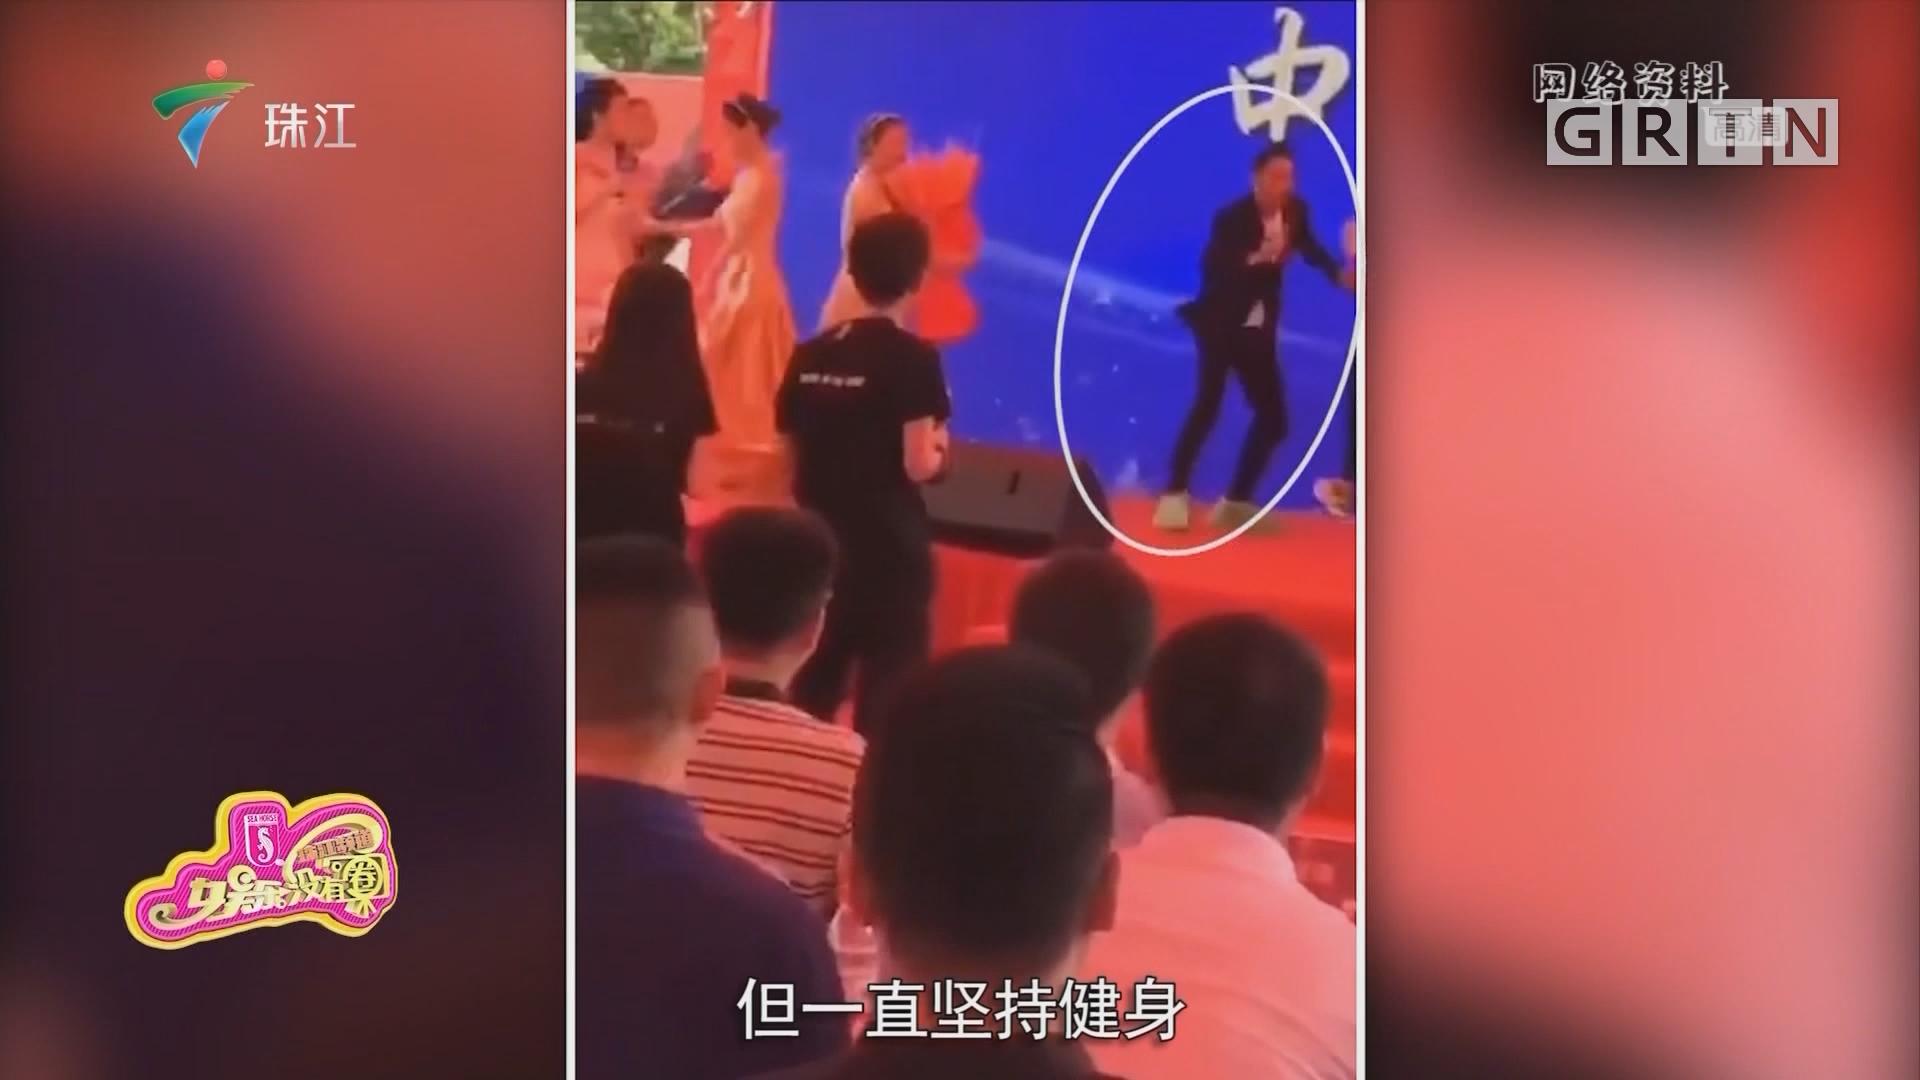 明星已成高危职业?任达华不追究行凶者 邓超刘亦菲被袭只能选择原谅